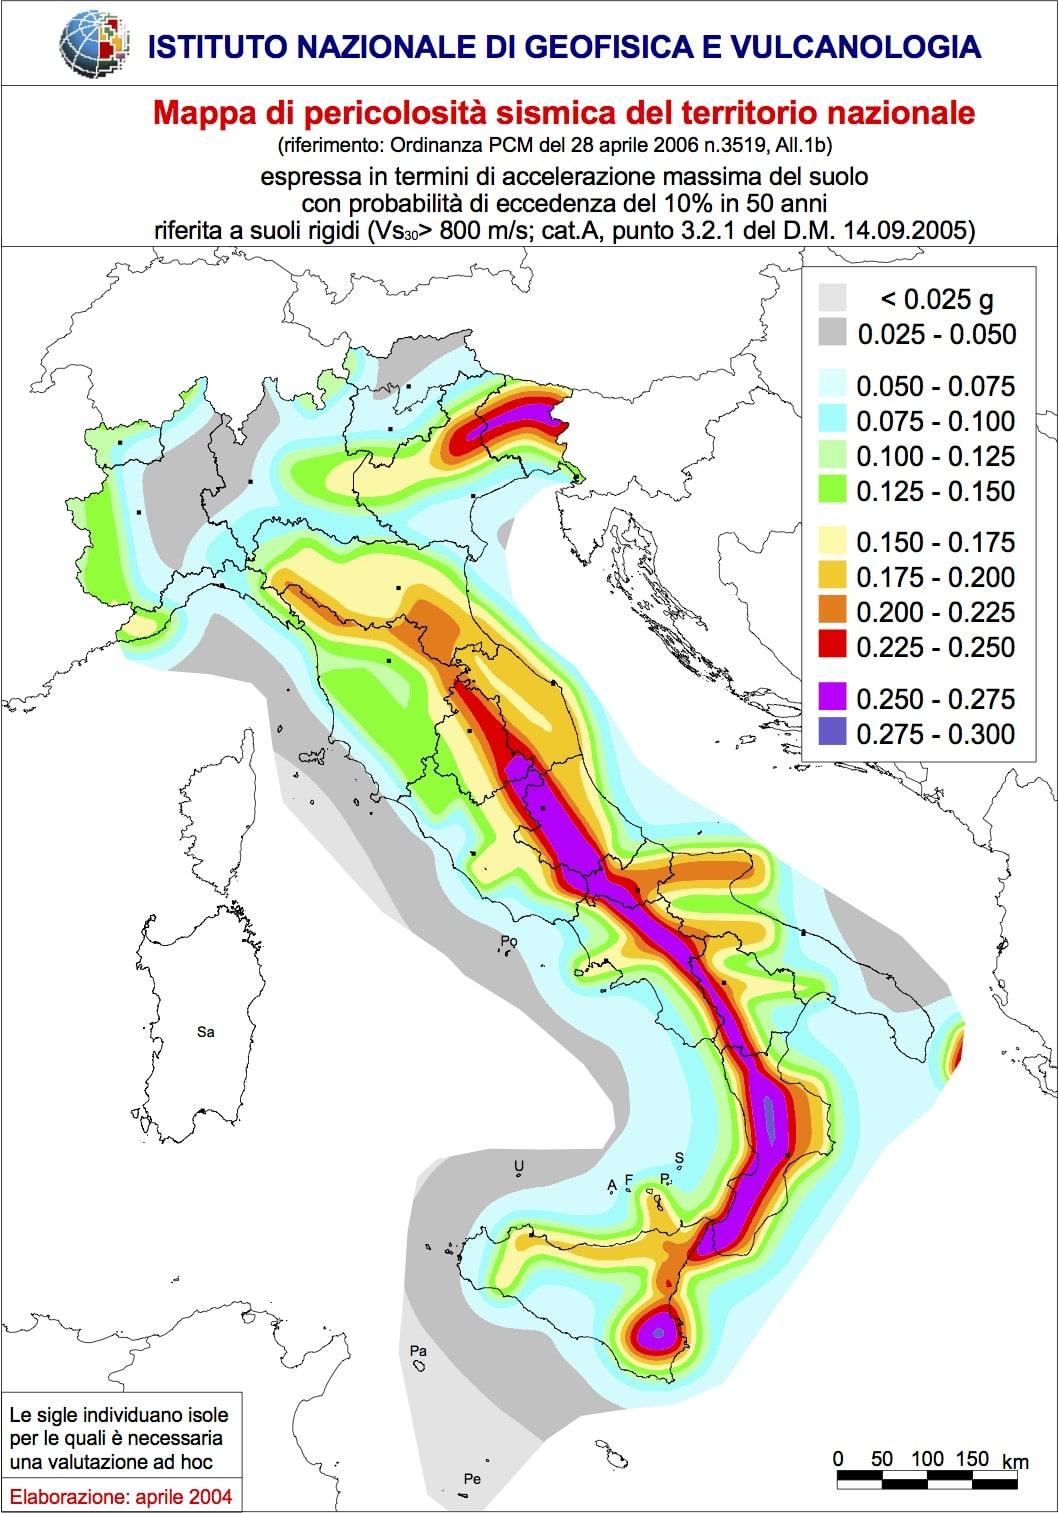 Terremoto oggi in Italia 19 aprile 2021: tutte le ultime scosse | Tempo reale